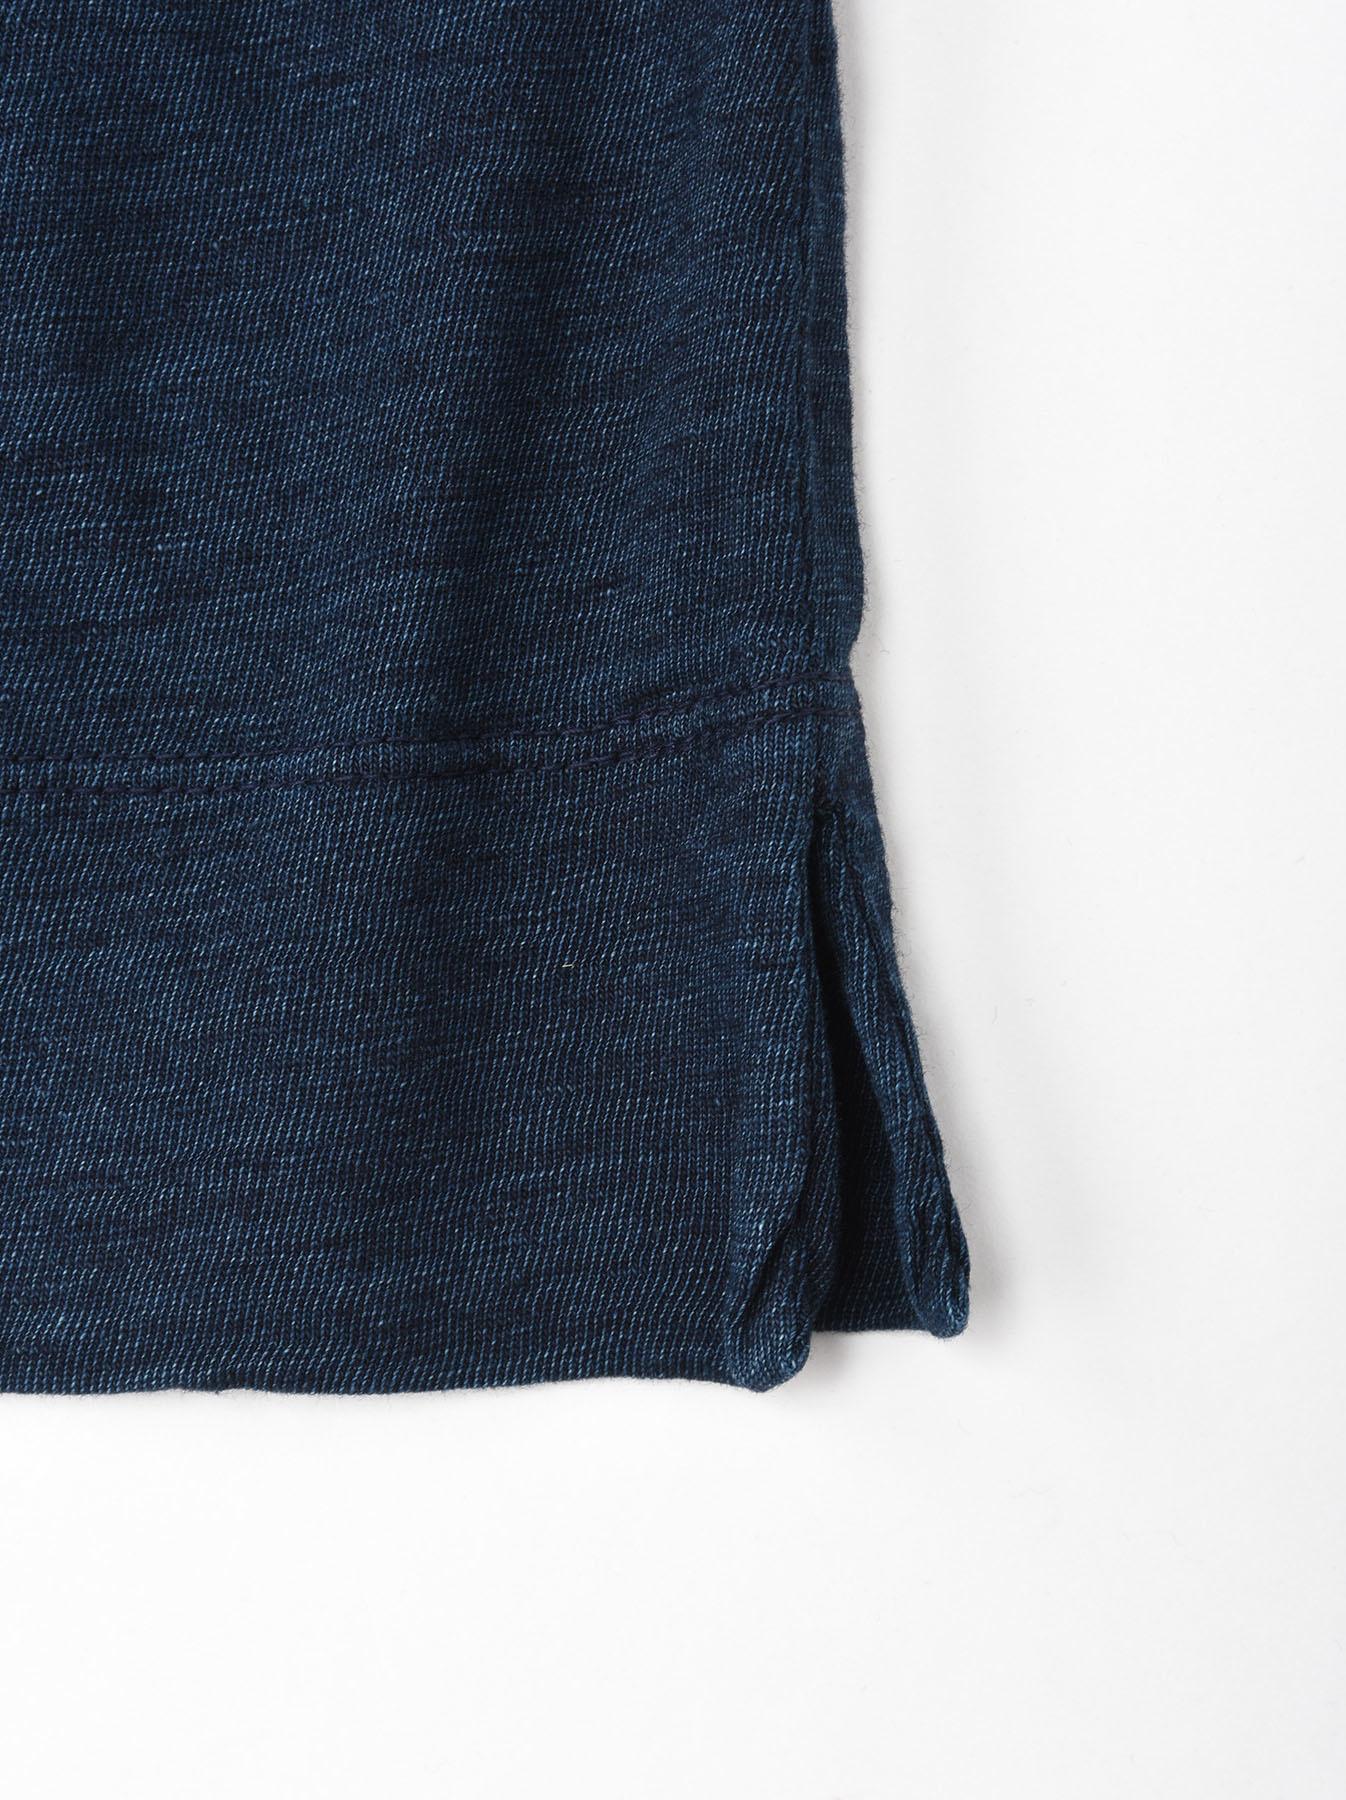 Indigo Zimbabwe Cotton Square T-shirt-8